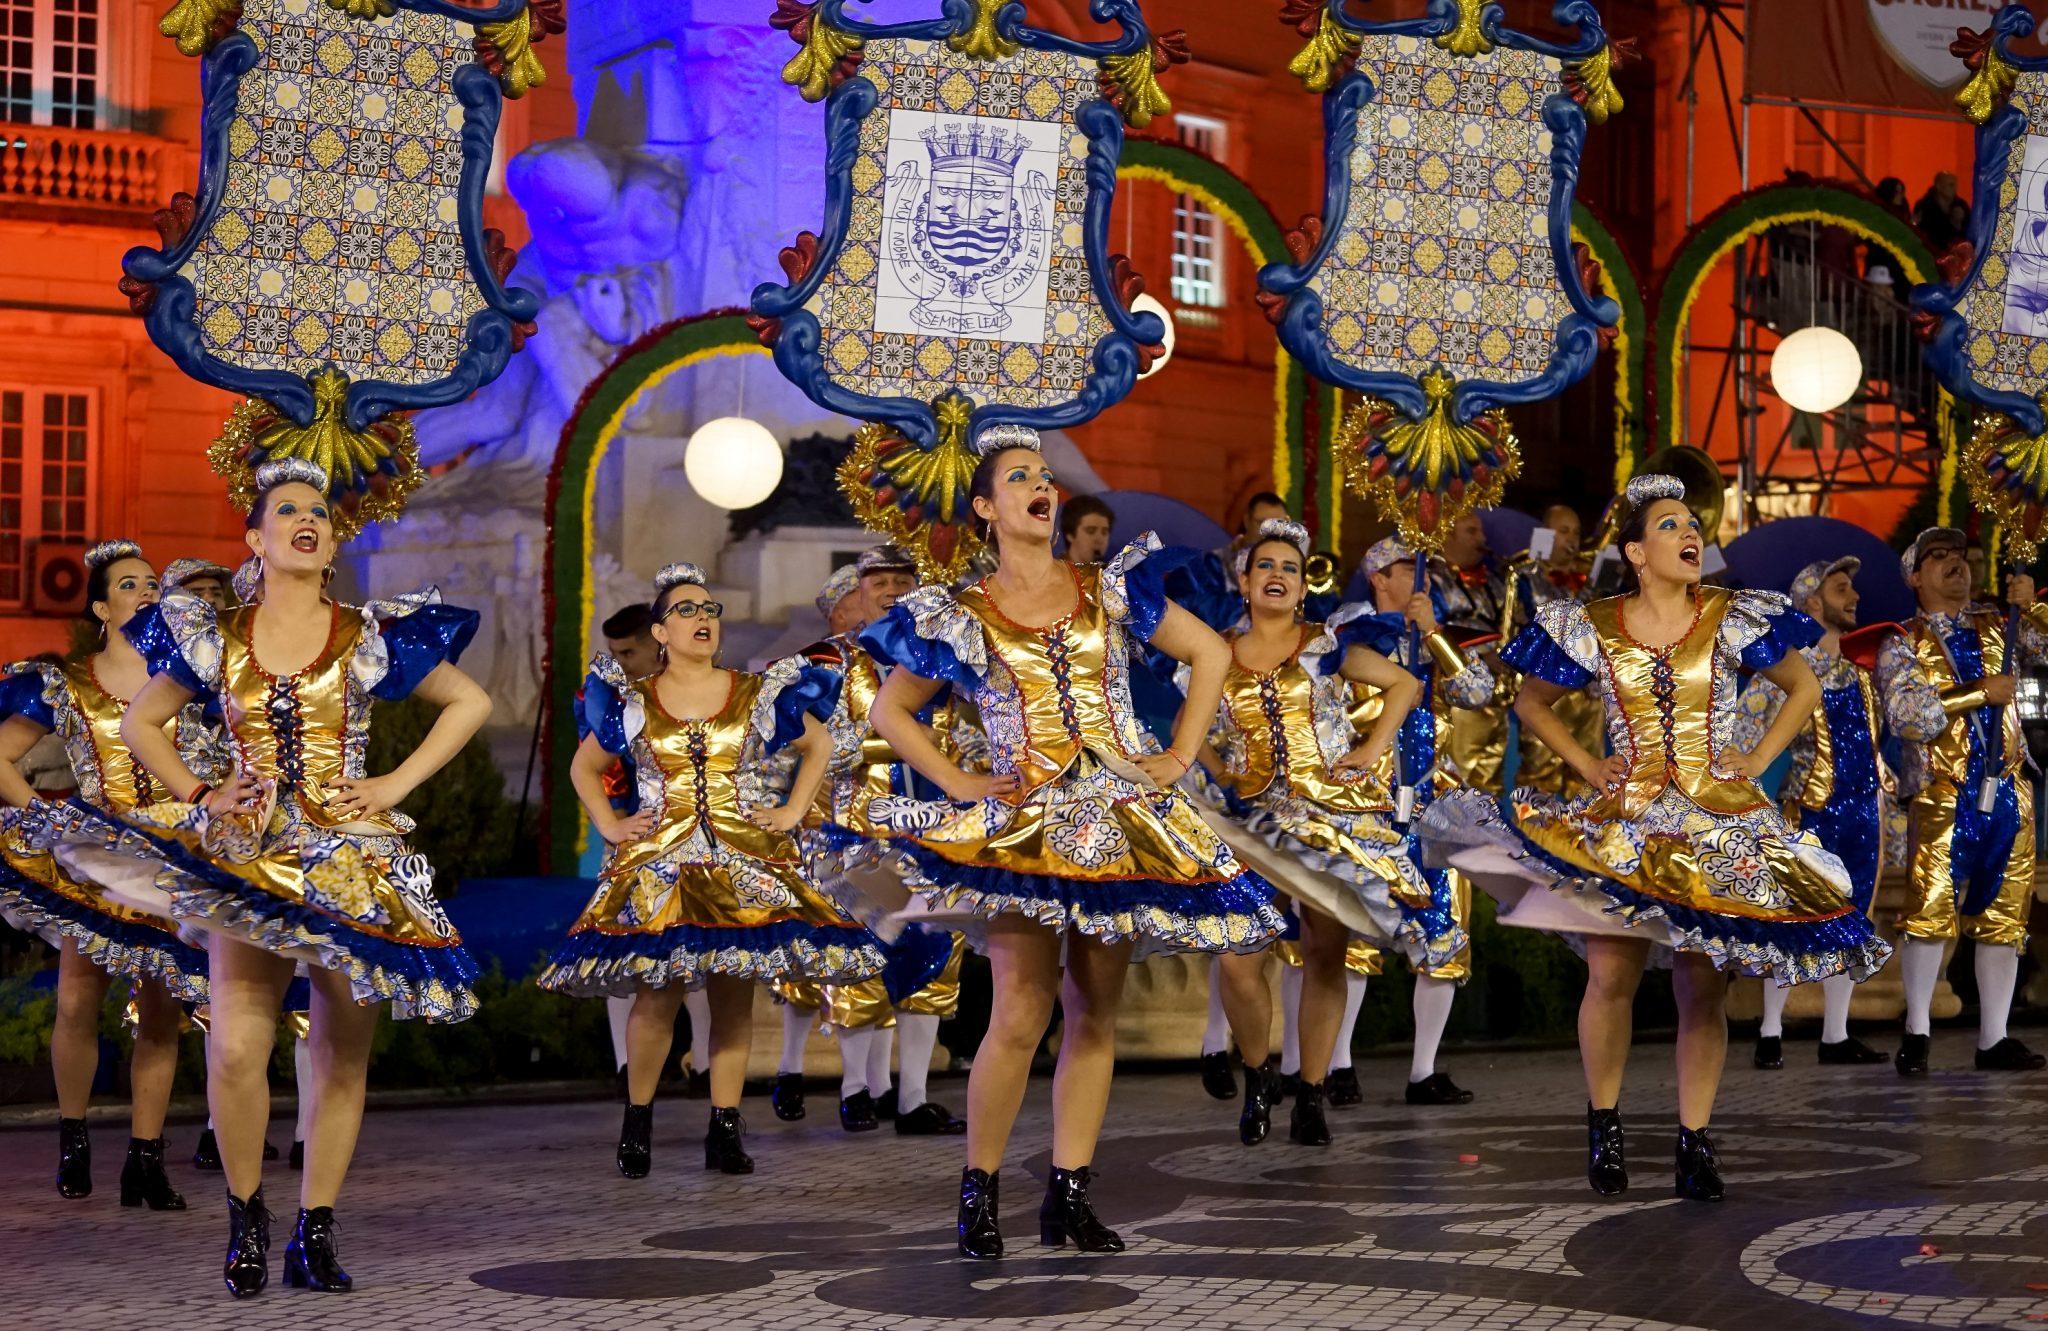 Mulheres de saia cantam e dançam na Avenida da Liberdade. Em segundo planos, os arcos da marcha que simulam azulejos.